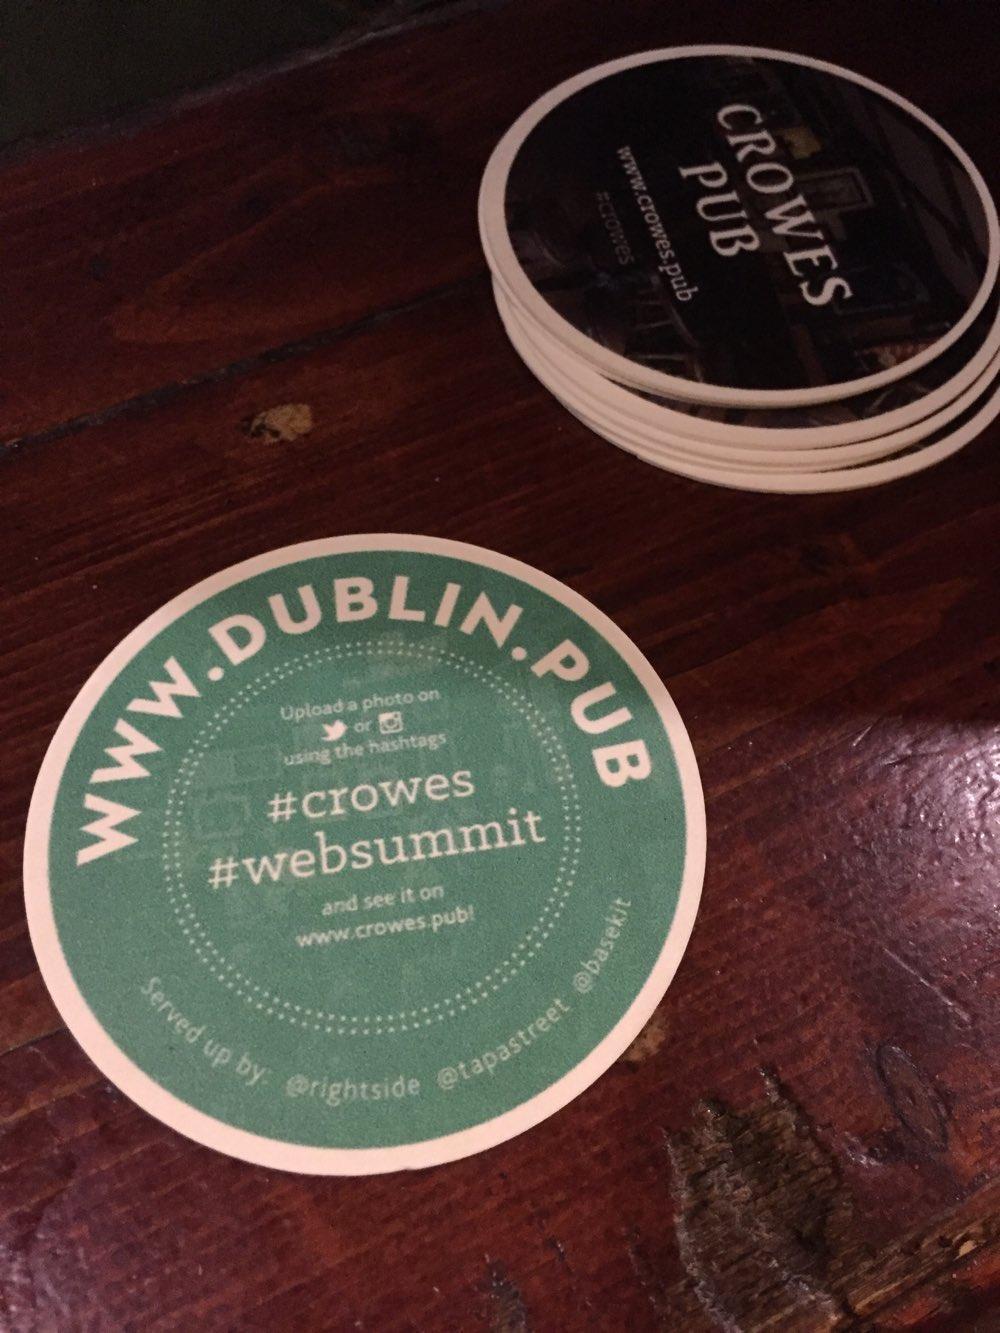 dublin-pub-crowes-web-summit